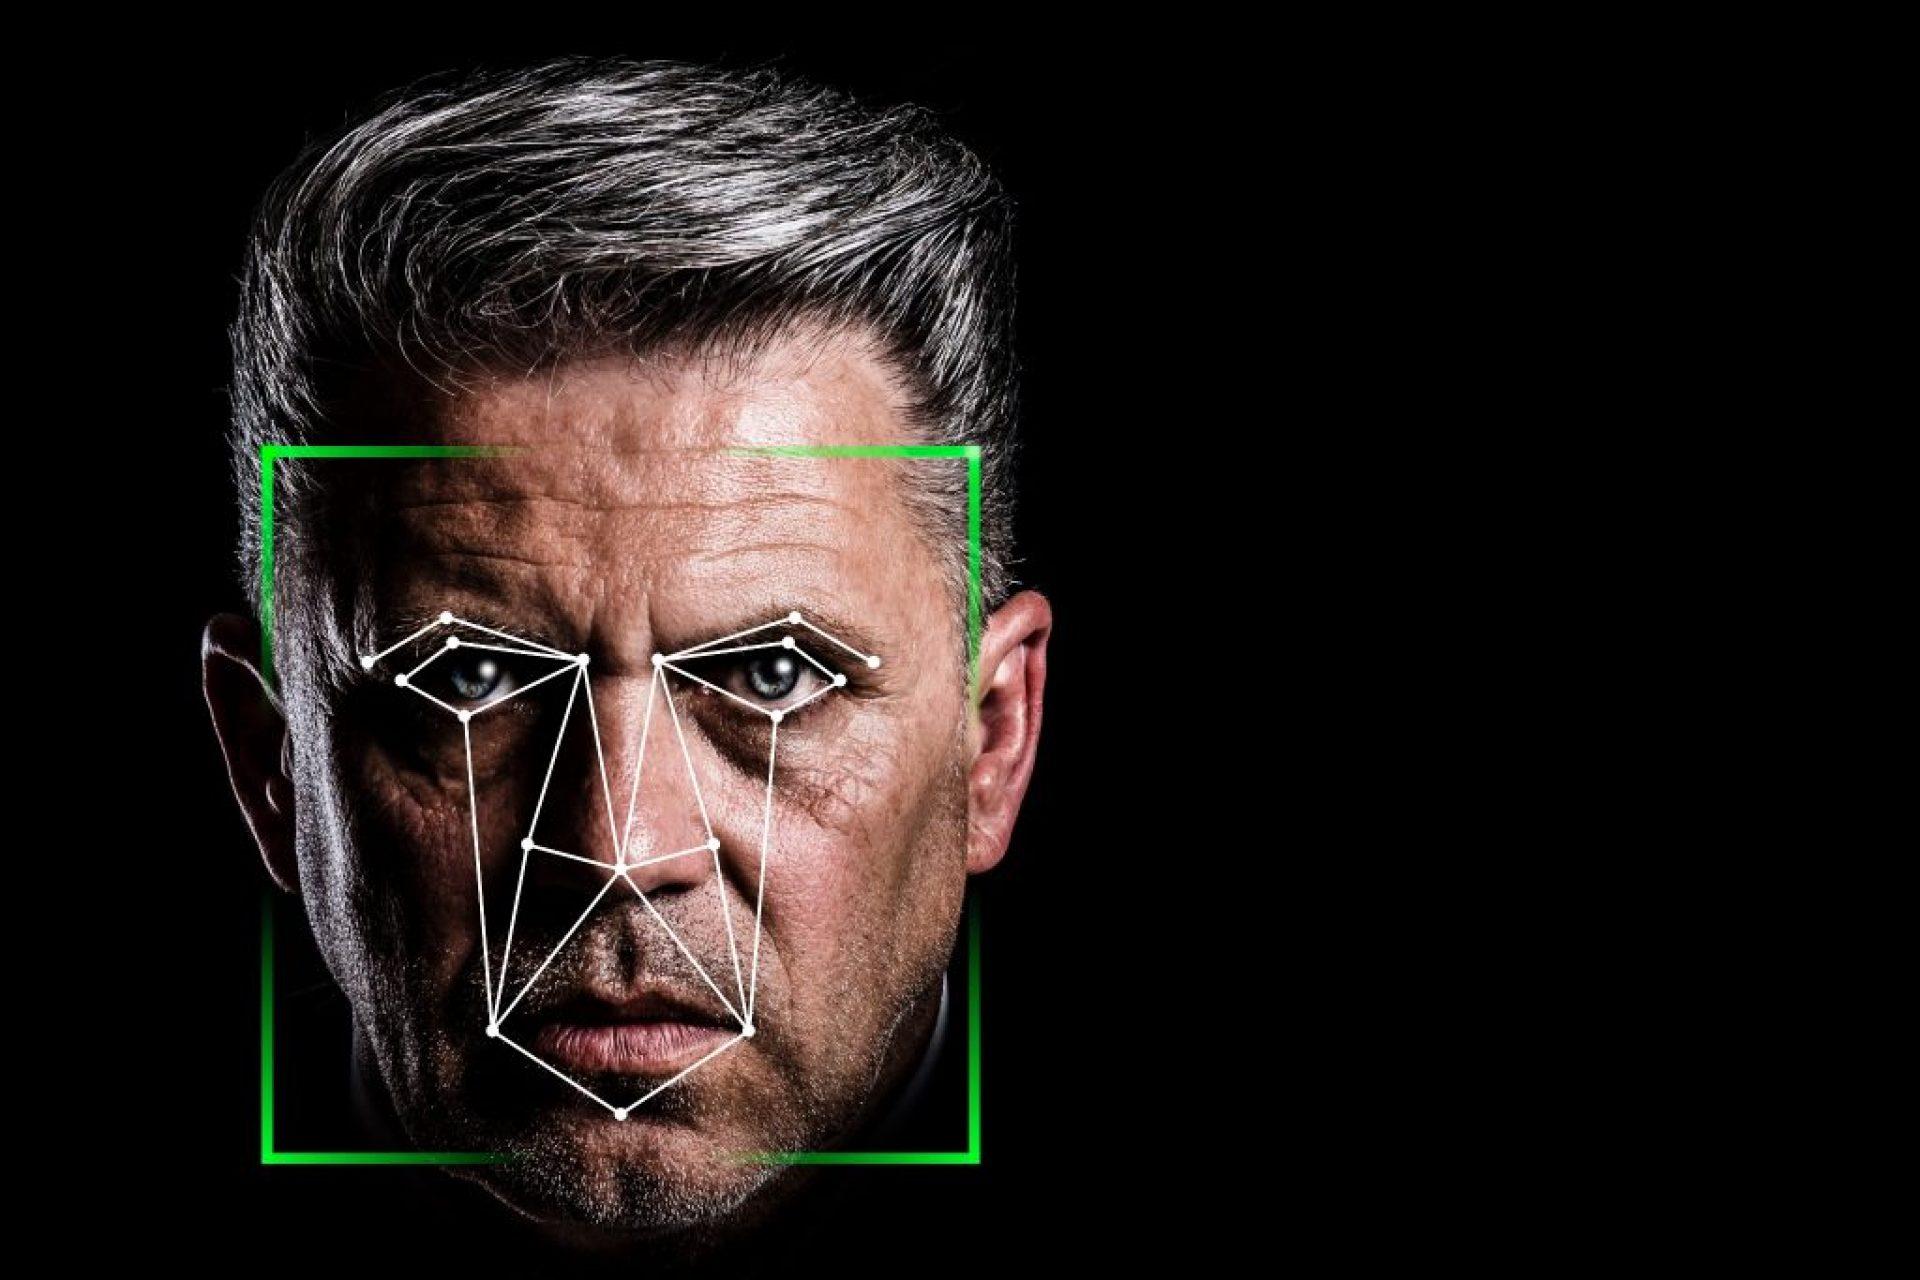 EU-Abgeordnete für Verbot biometrischer Massenüberwachung